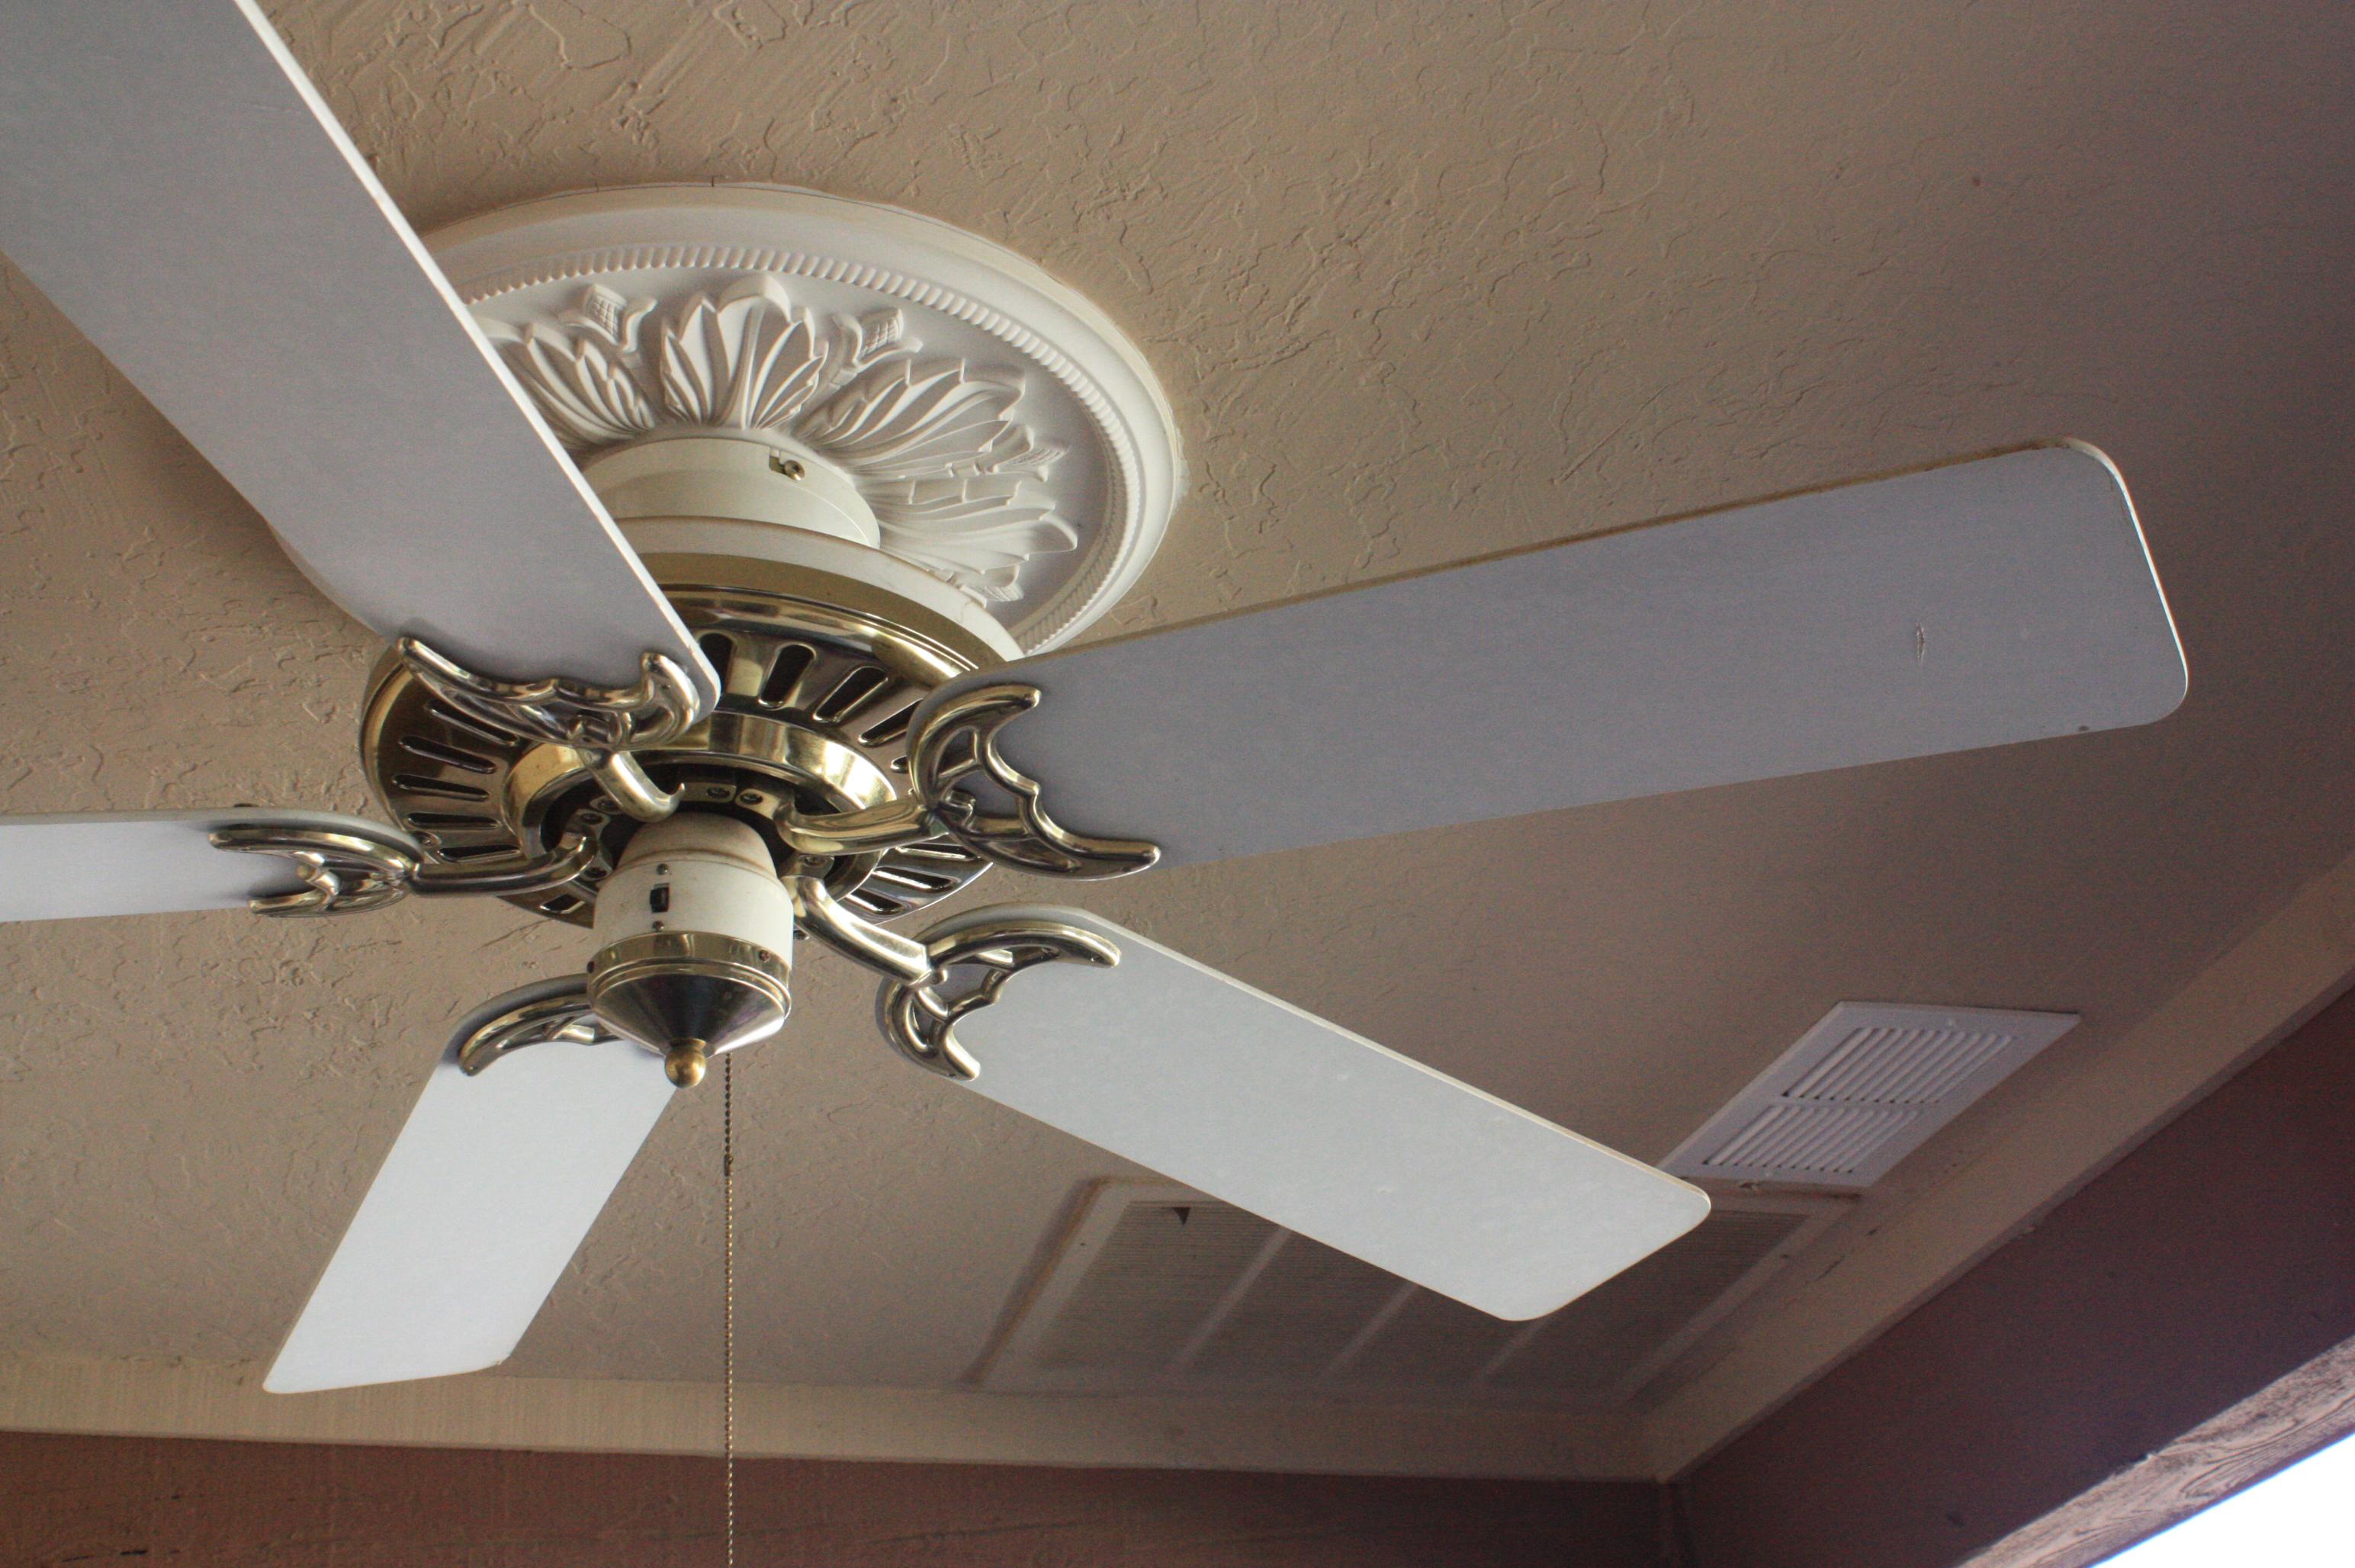 Patio Ceiling Fan & stereo speakers